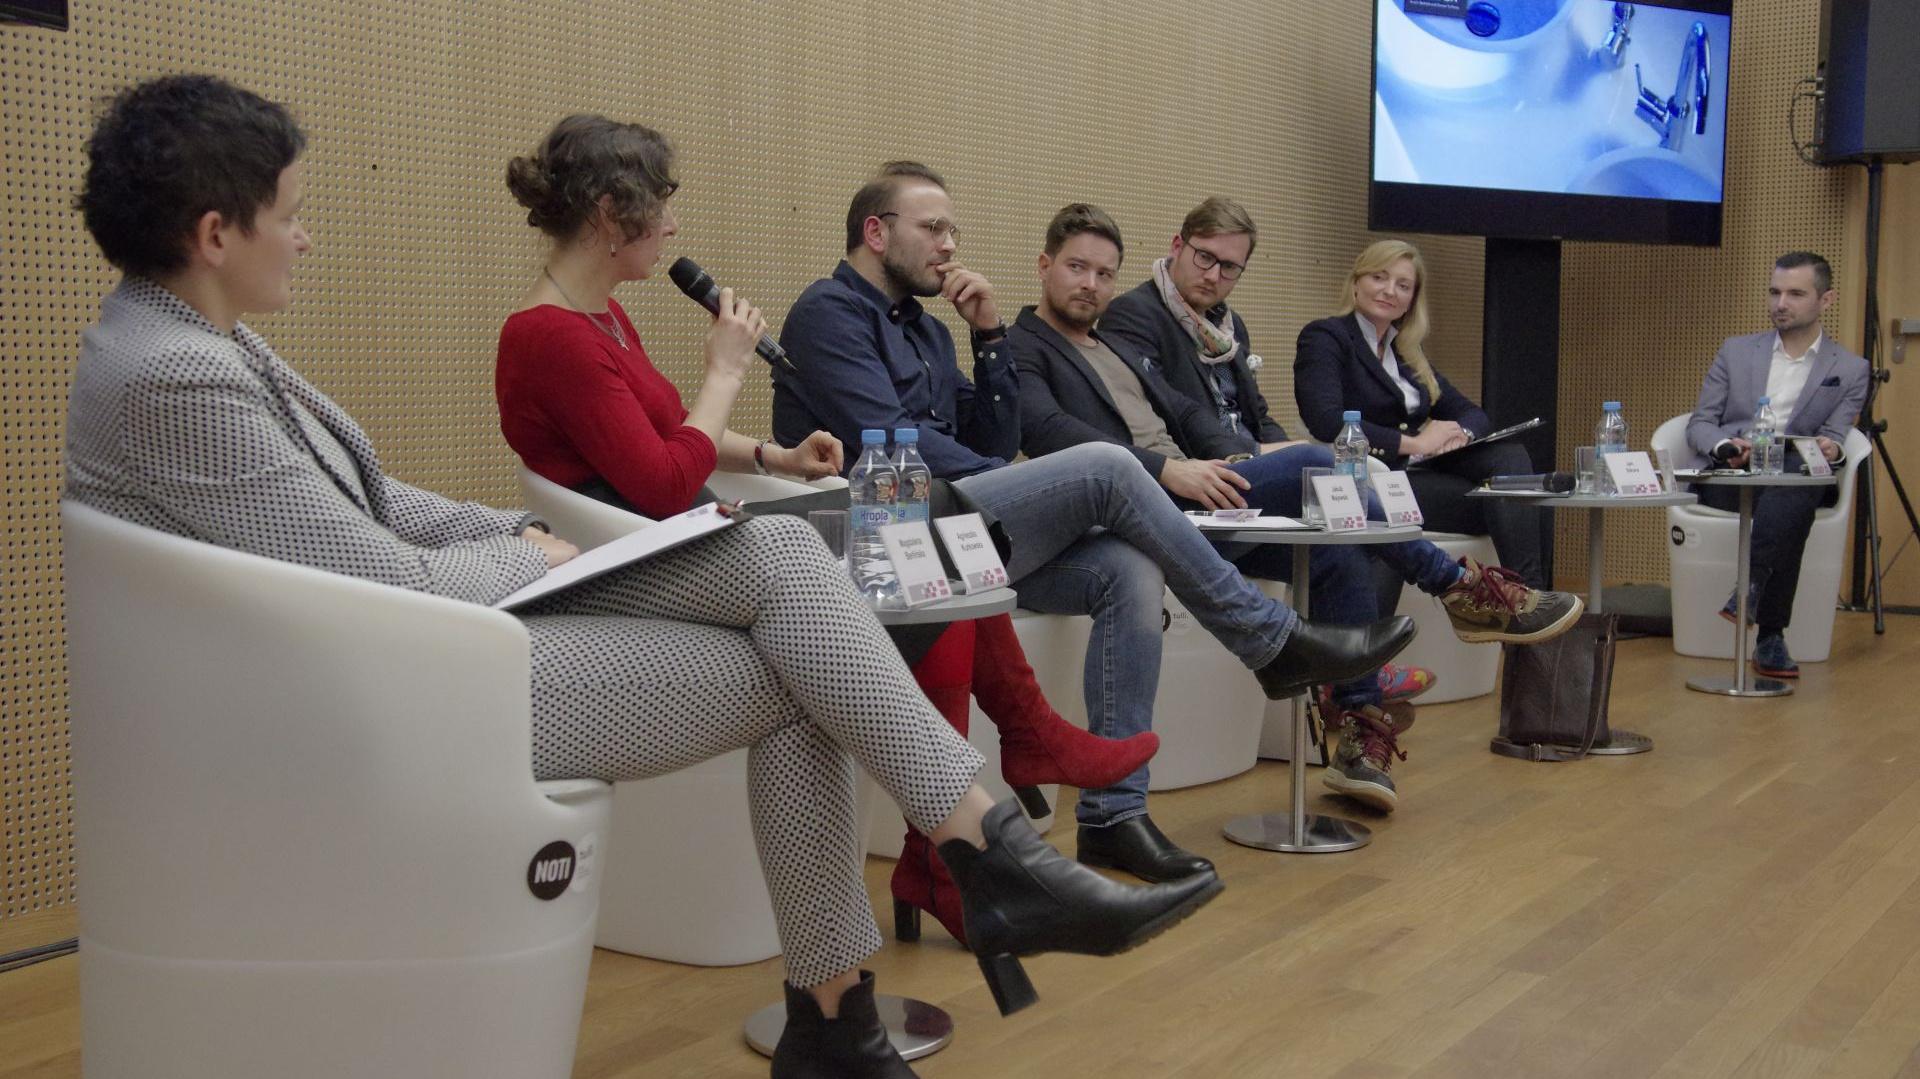 Paneliści poruszali ważne kwestie związane z nomadycznym stylem życia. Pełna sala słuchaczy była dowodem na to, iż jest to niezwykle istotna tematyka dla współczesnego człowieka. Fot. Piotr Waniorek.